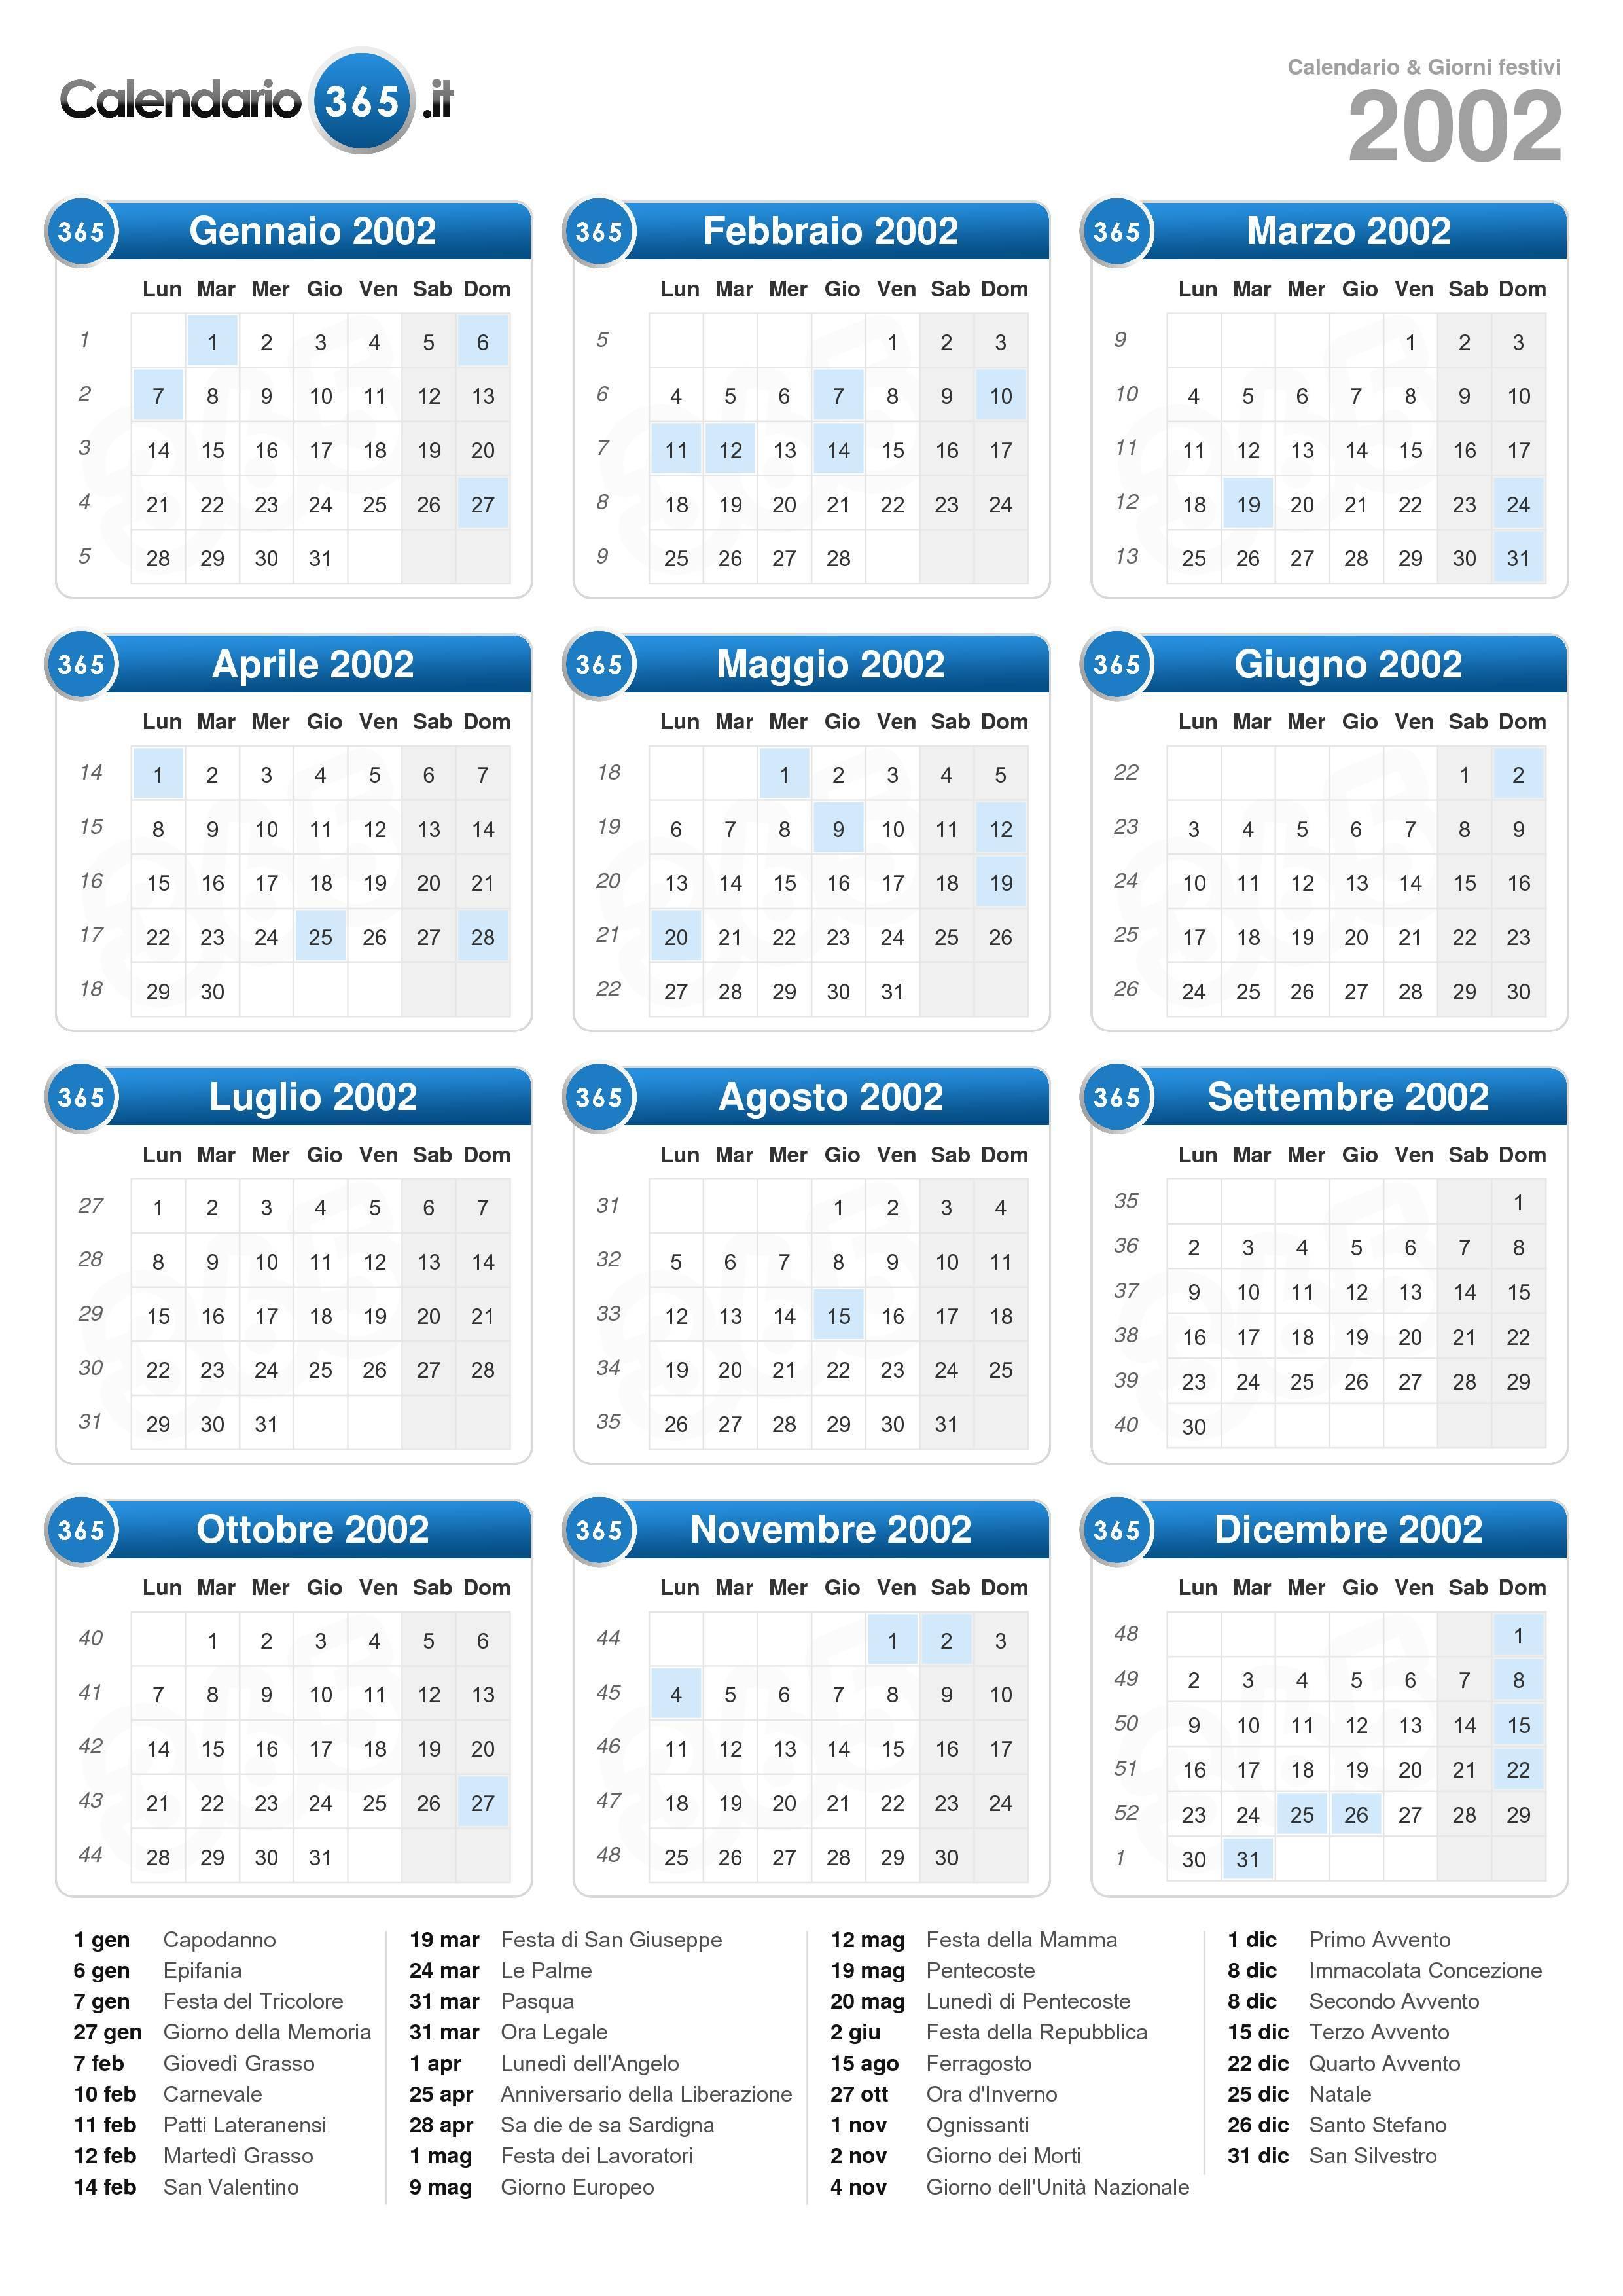 Ogni Quanti Anni Si Ripete Il Calendario.Calendario 2002